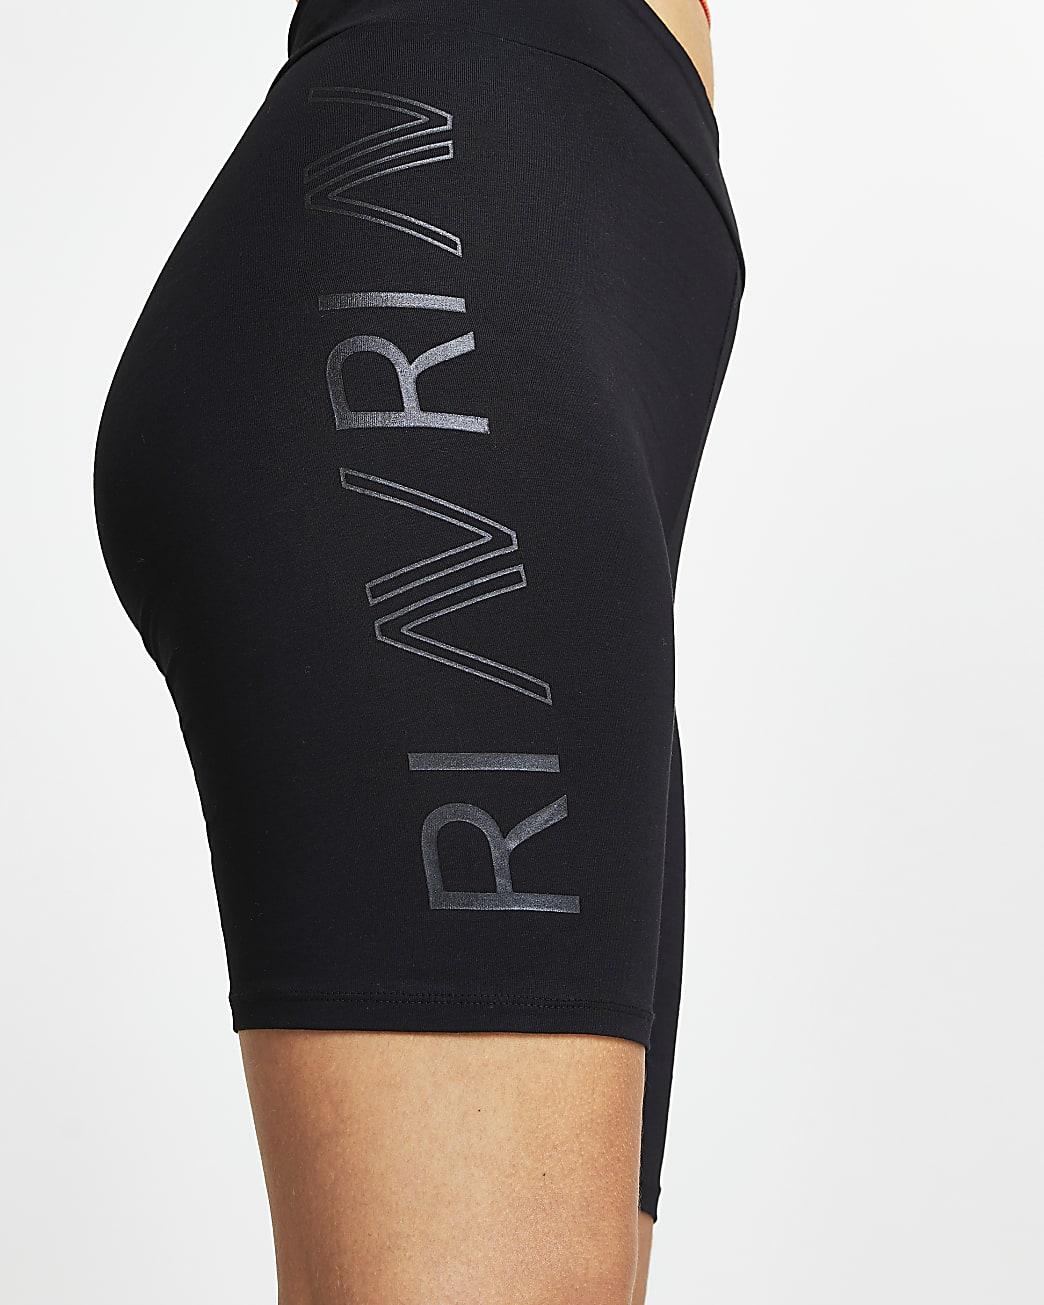 Black RI Active cycling shorts